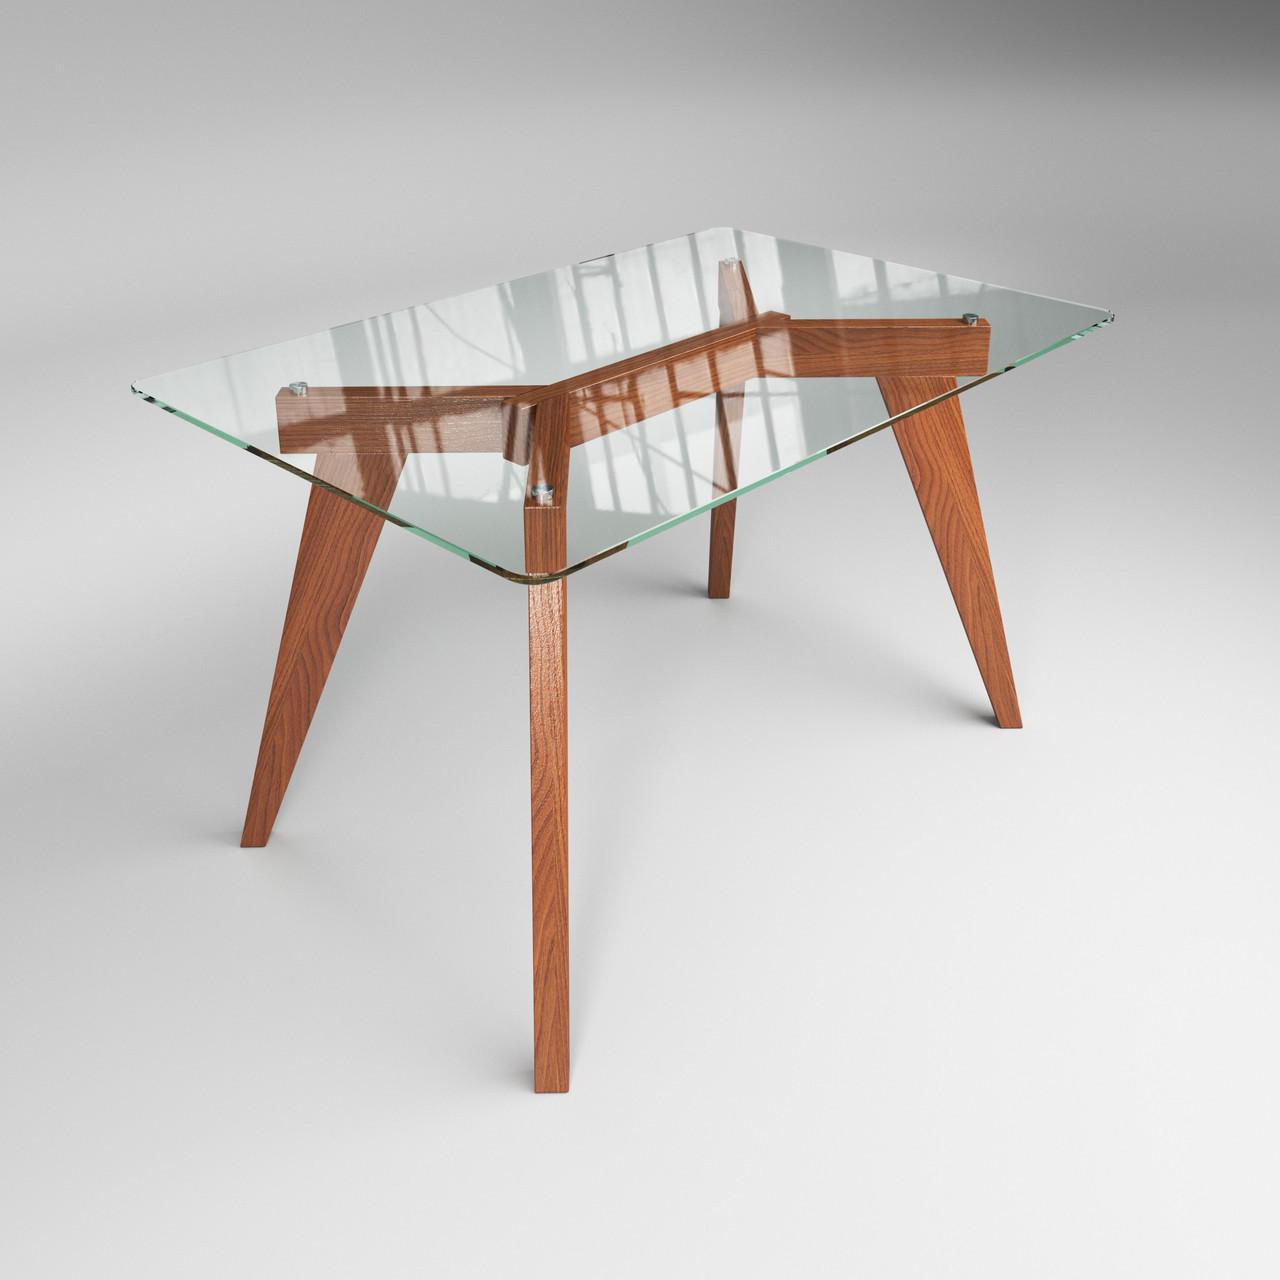 Стеклянный стол Леонардо на деревянных ножках